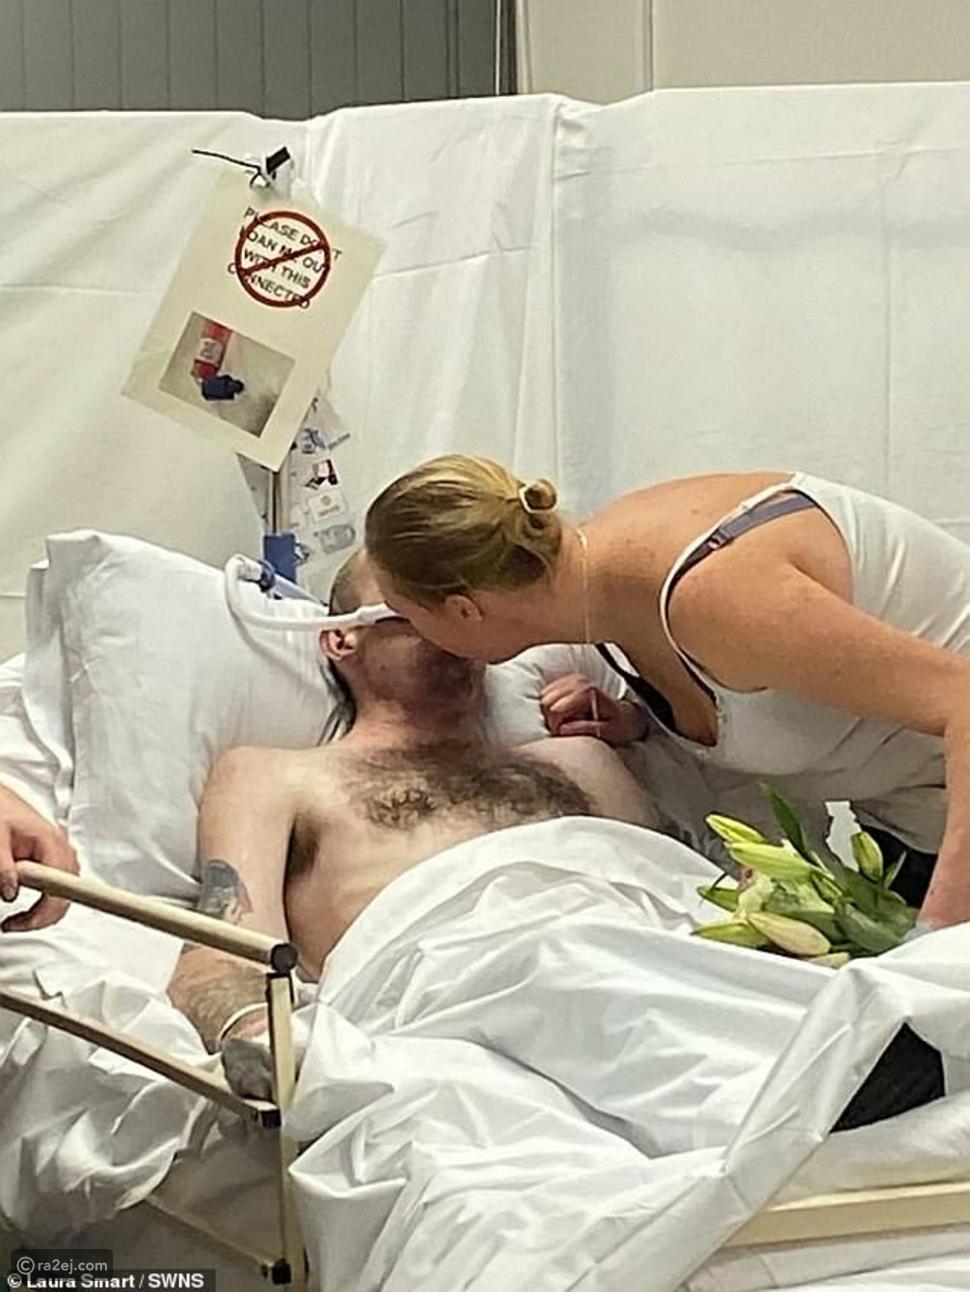 يحقق حلمه في الزواج من حبيبته في الساعات الأخيرة على فراش الموت